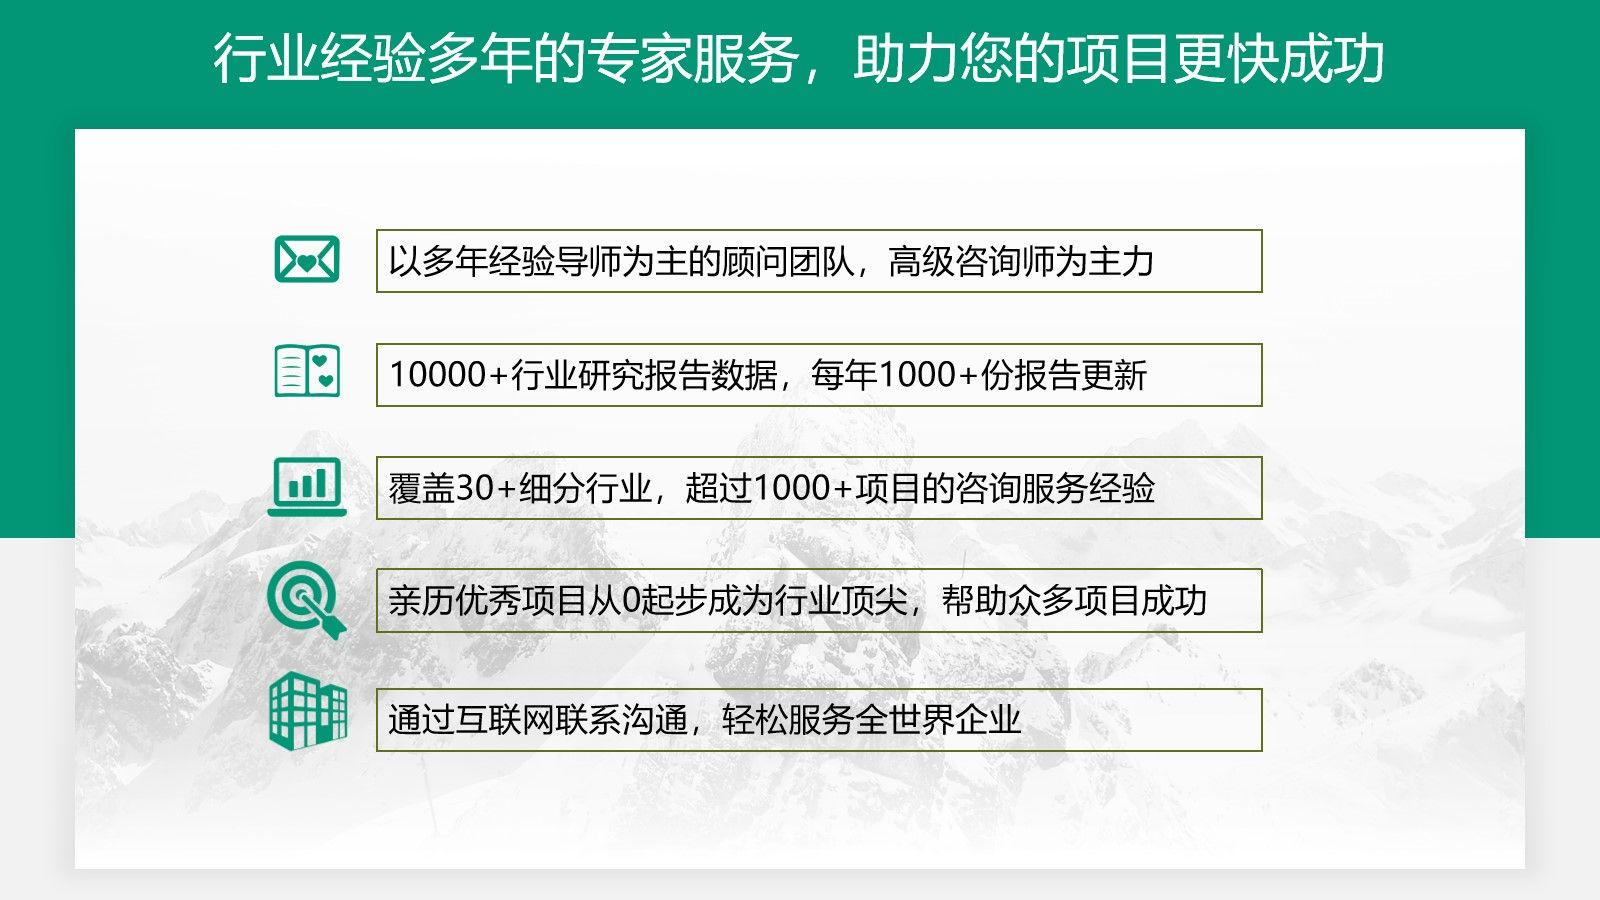 2021通化写节能评估报告多少钱一份的价格